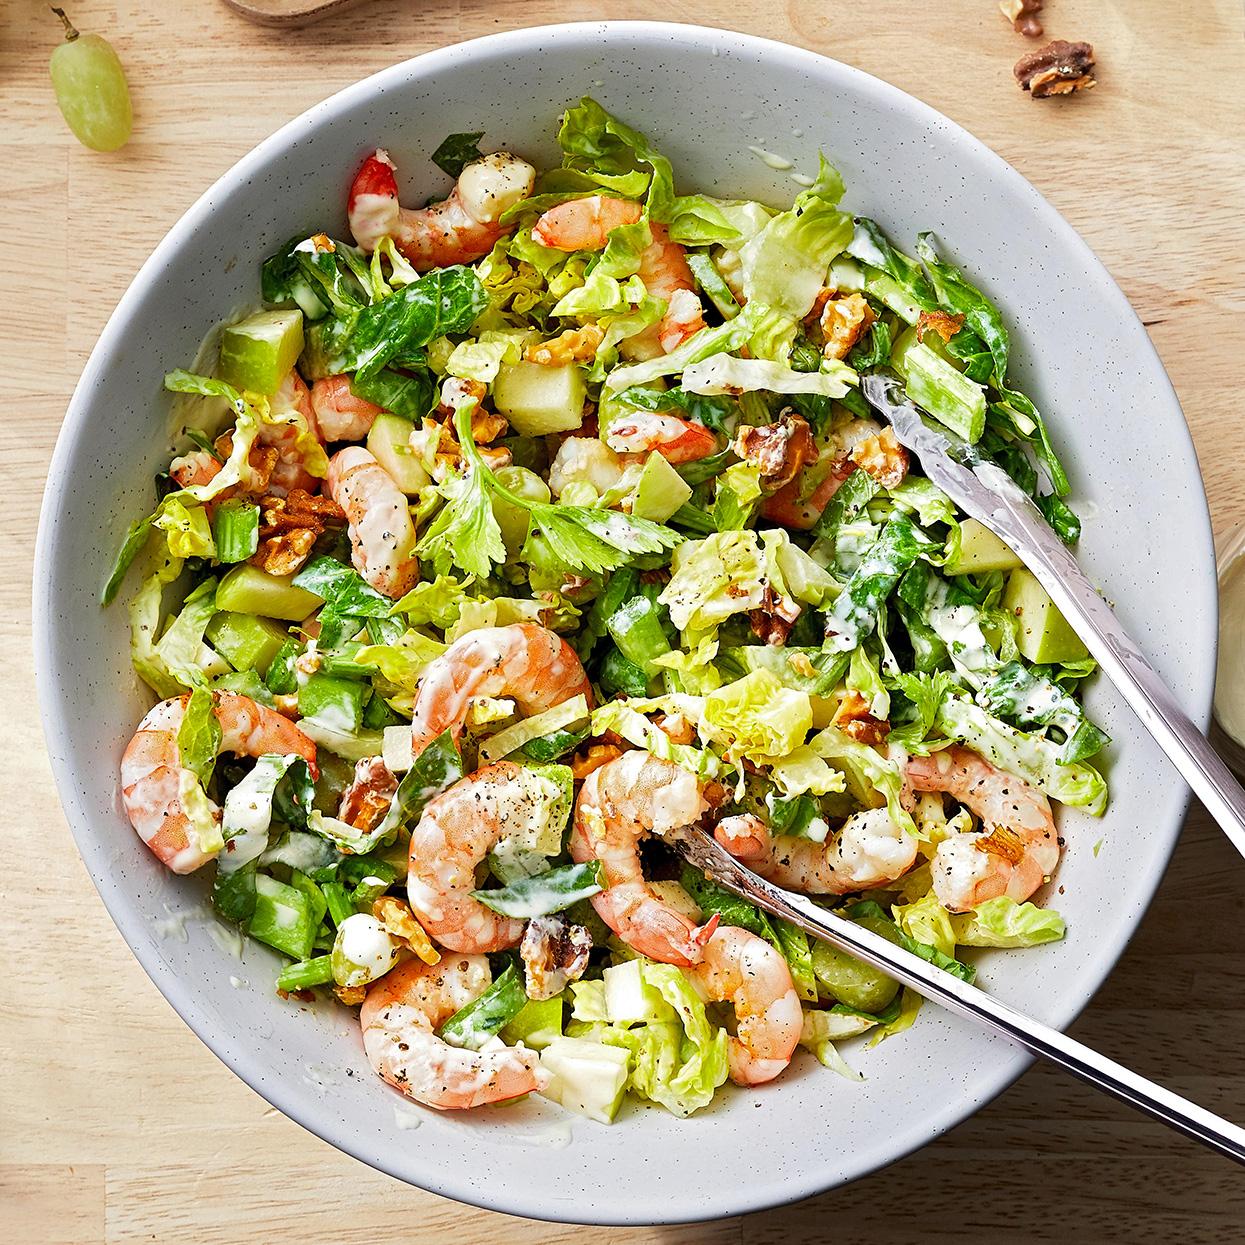 Gordon Ramsay's Shrimp Waldorf Salad